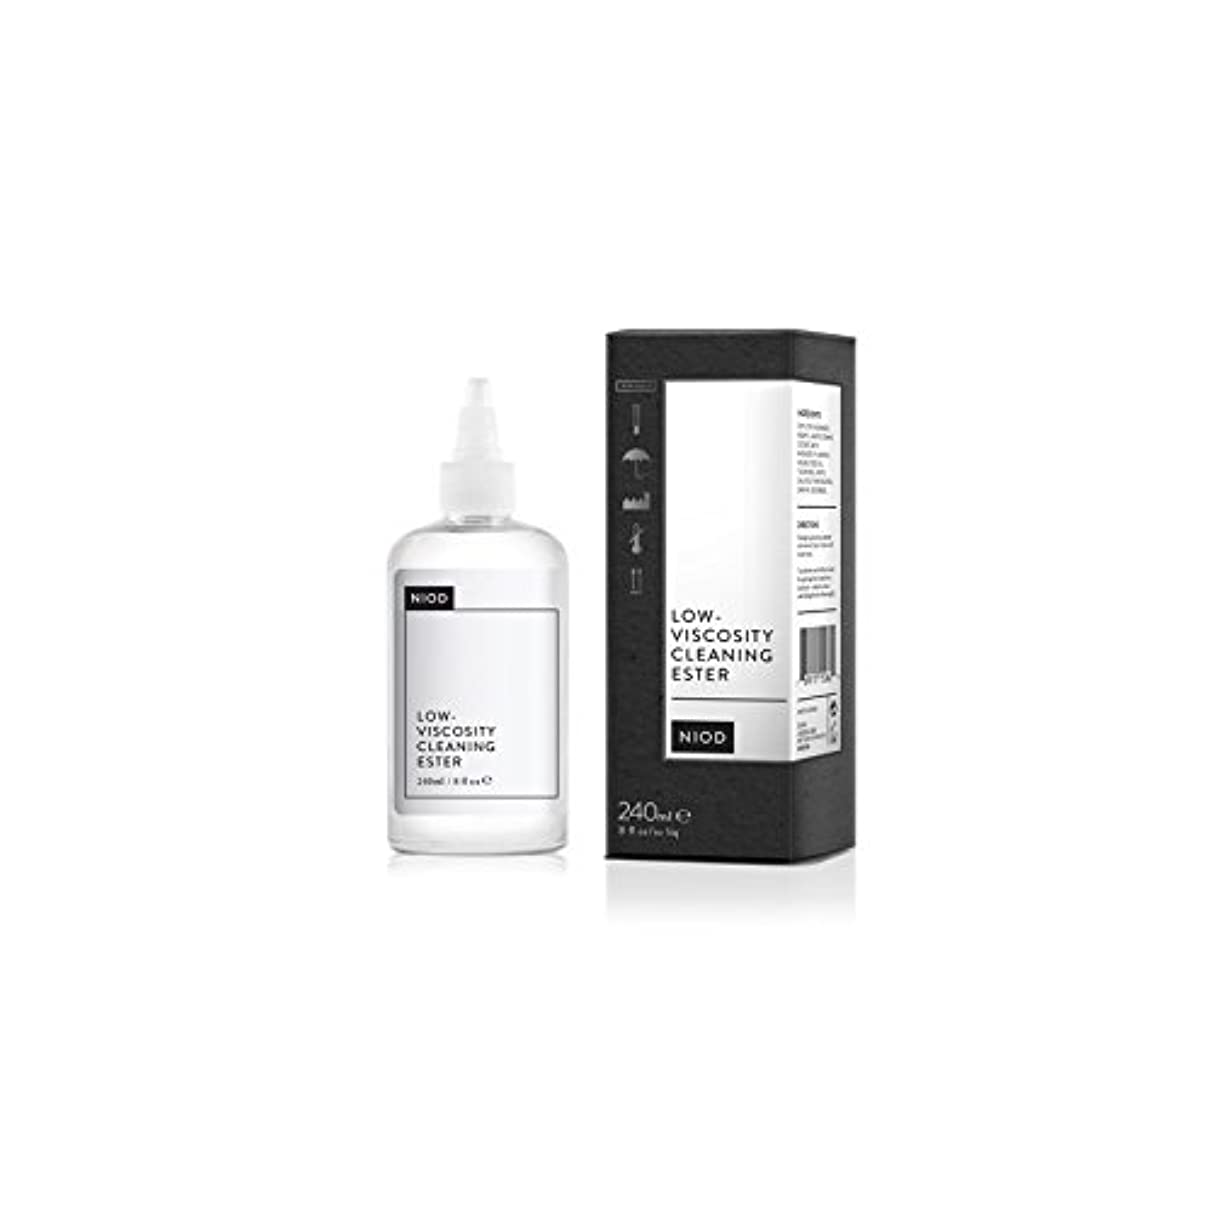 クーポン言語学チート低粘度のクリーニングエステル(240ミリリットル) x2 - Niod Low-Viscosity Cleaning Ester (240ml) (Pack of 2) [並行輸入品]